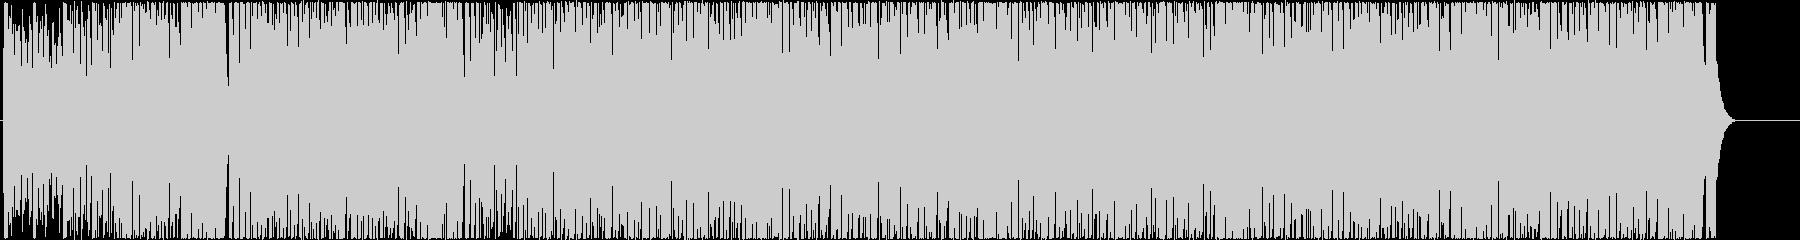 スピーディで夏を感じられるBGMの未再生の波形